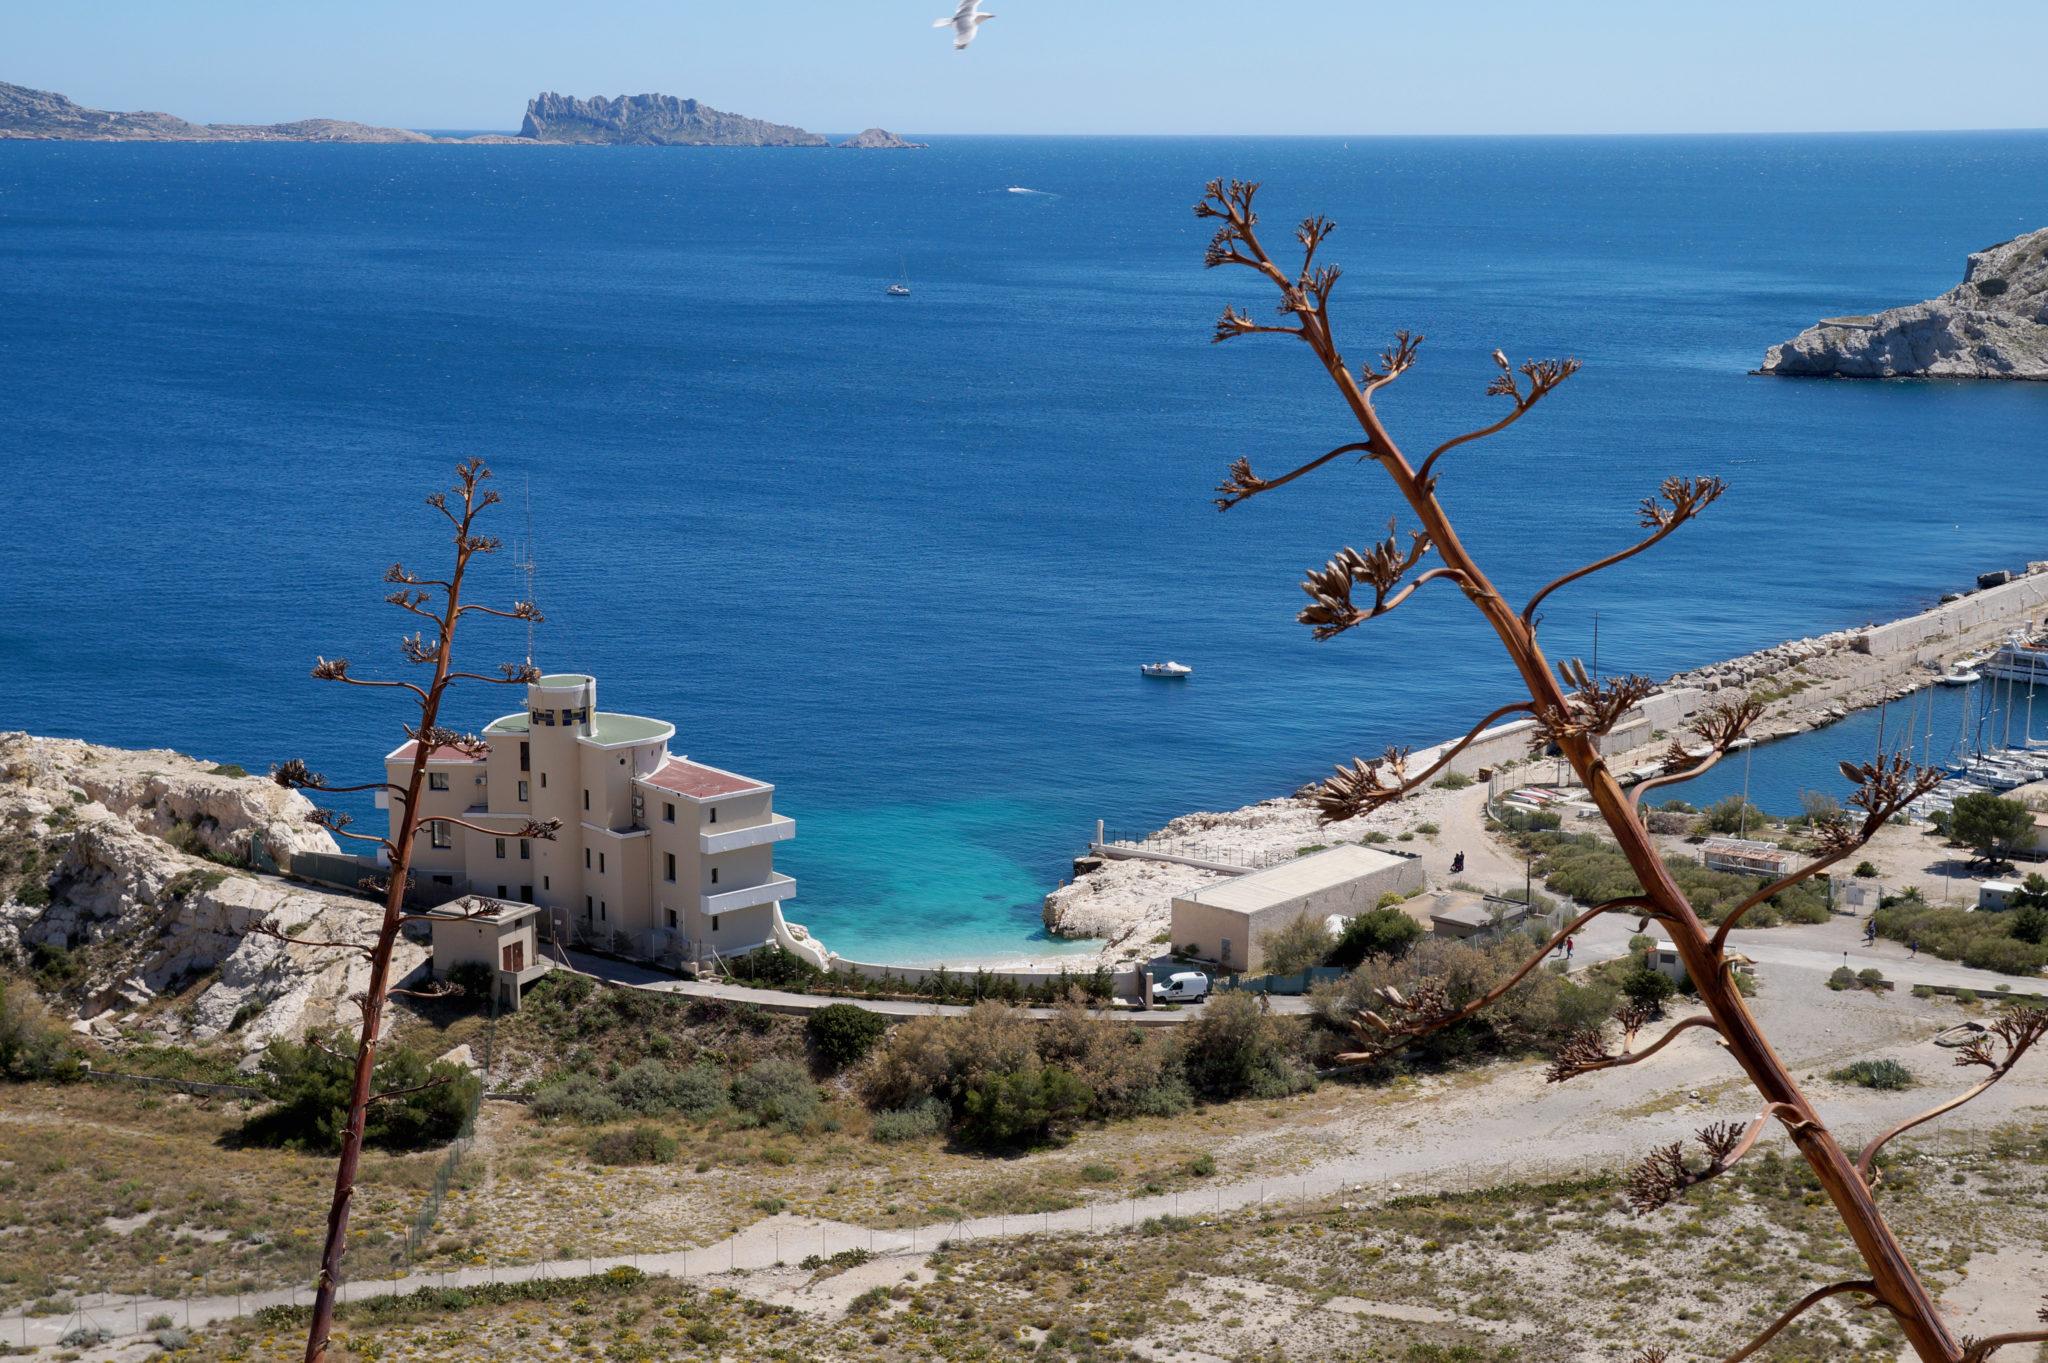 Hema_pose_ses_valises_Marseille_Iles_Frioul_Port_Observation-Ratonneau